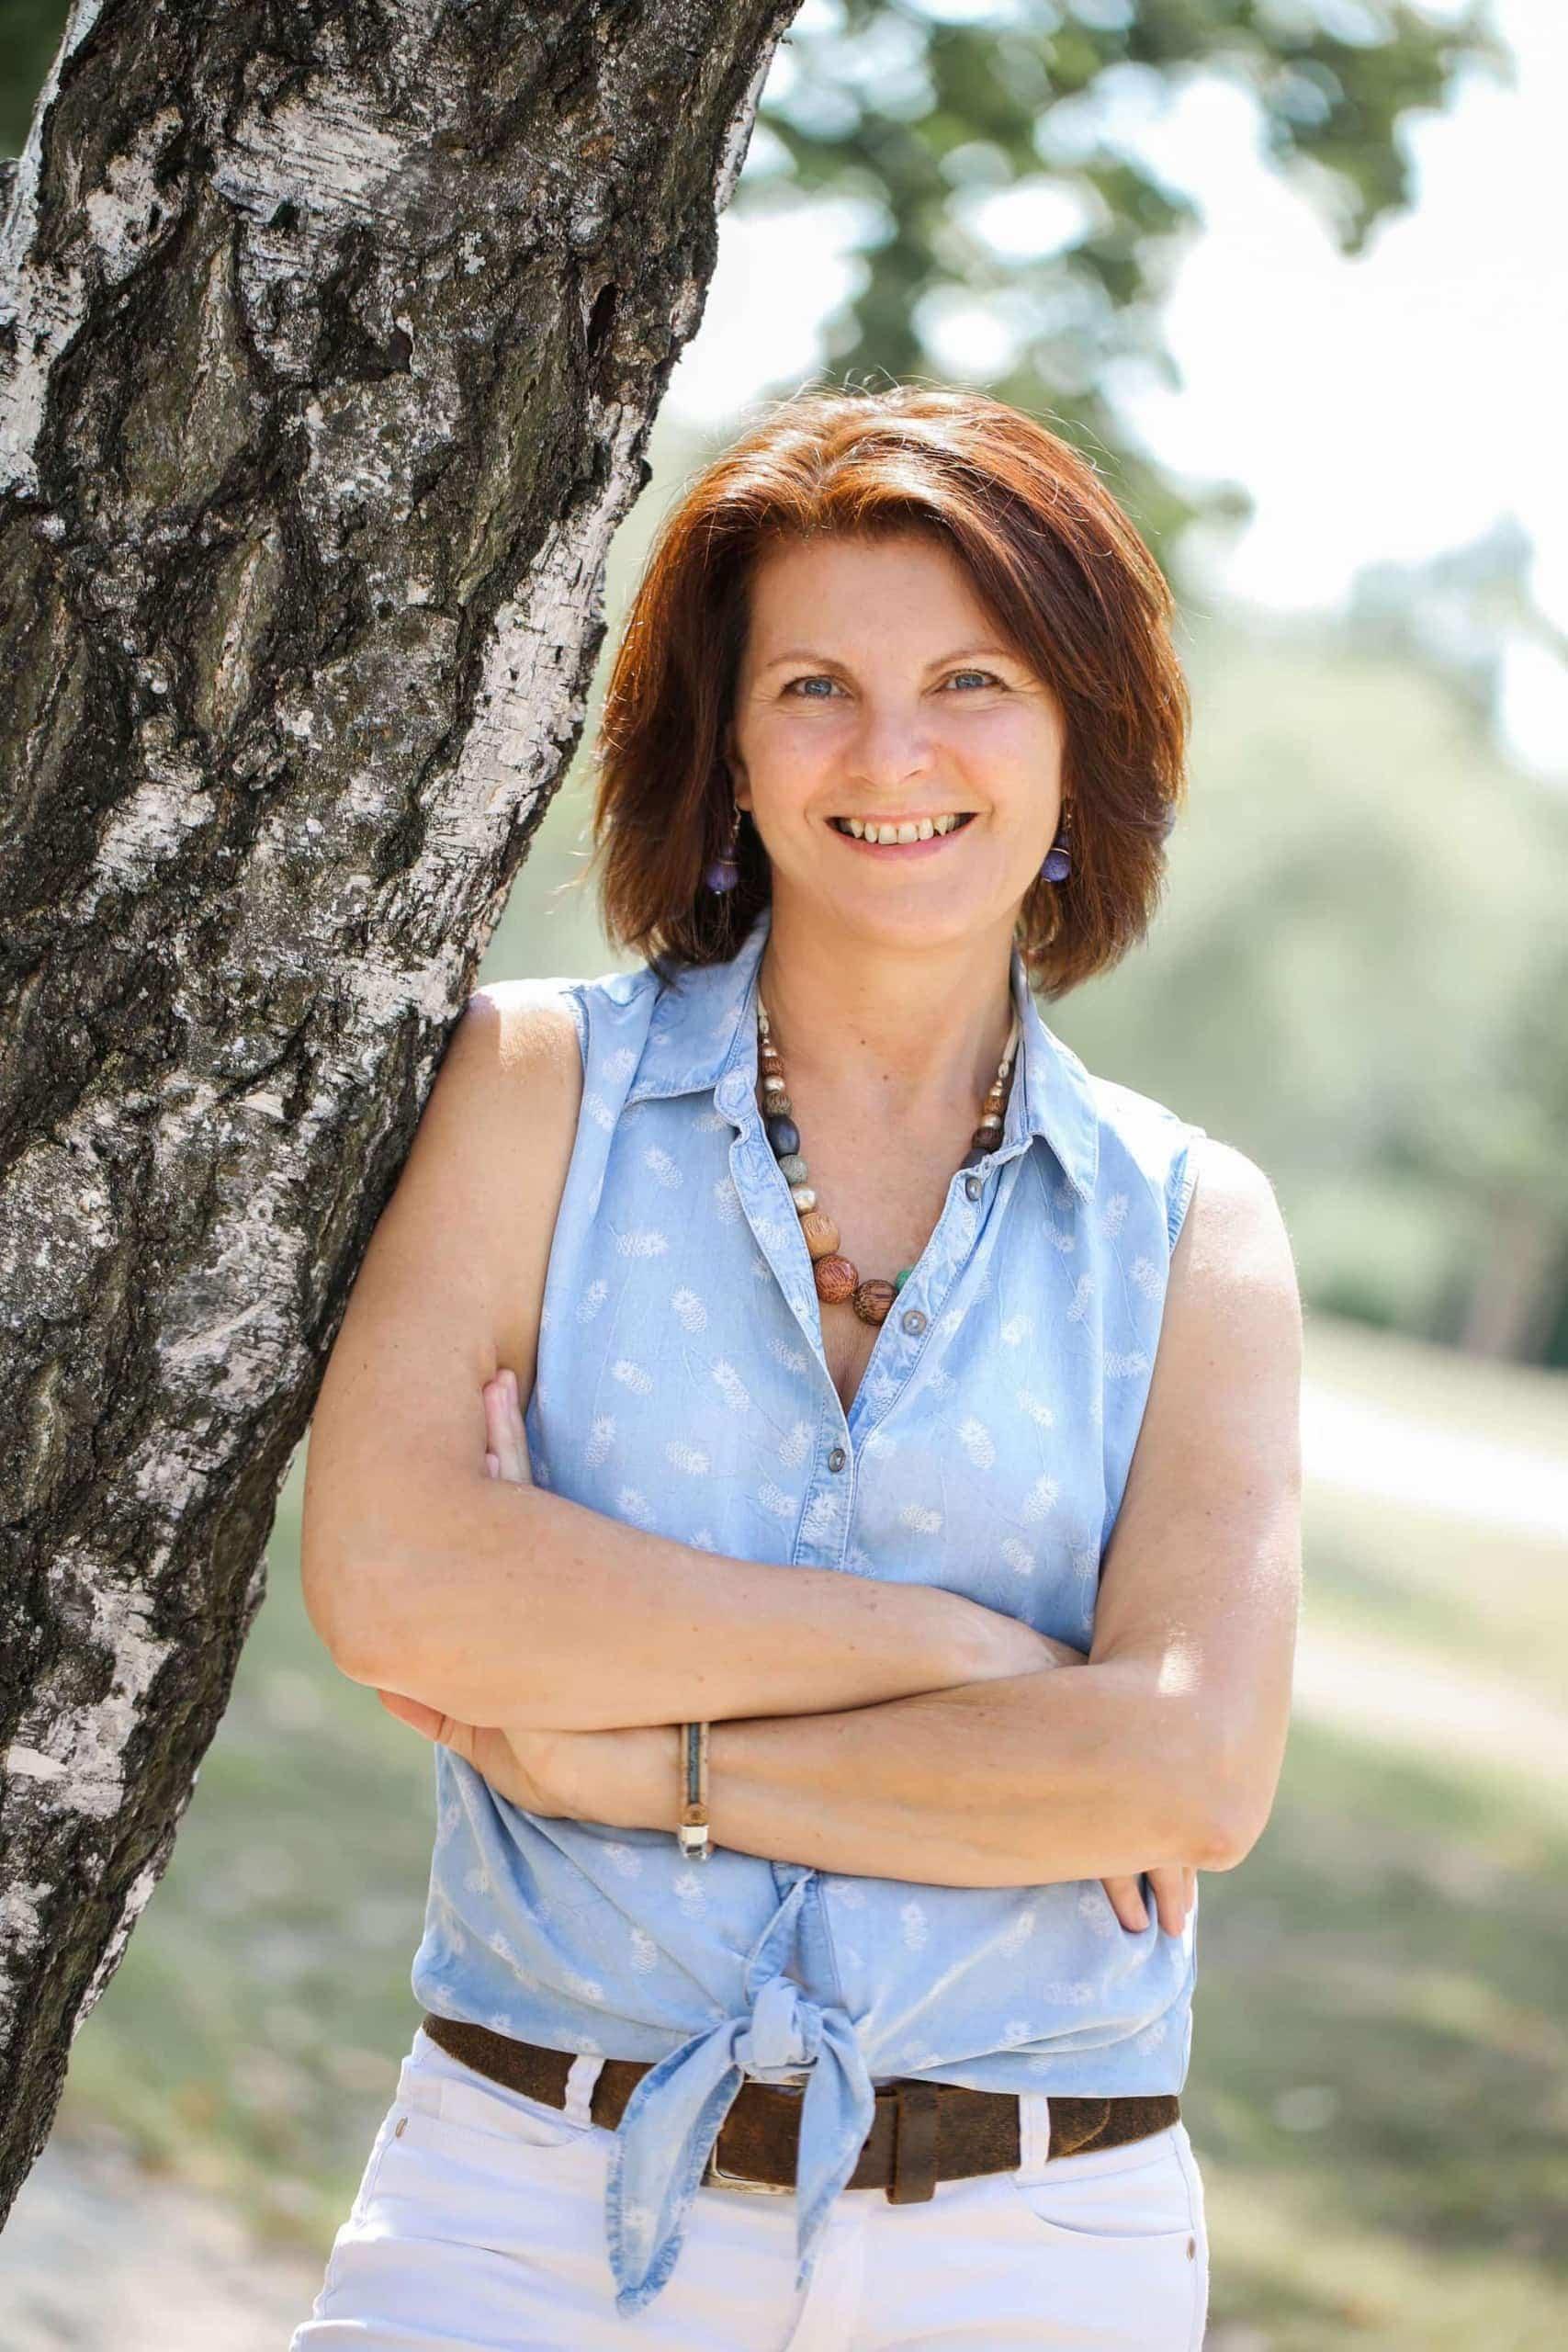 Übergewicht verlieren mit der Heilpraktikerin Barbara Schütz aus Neutraubling Dem Gewicht zu Leibe rücken